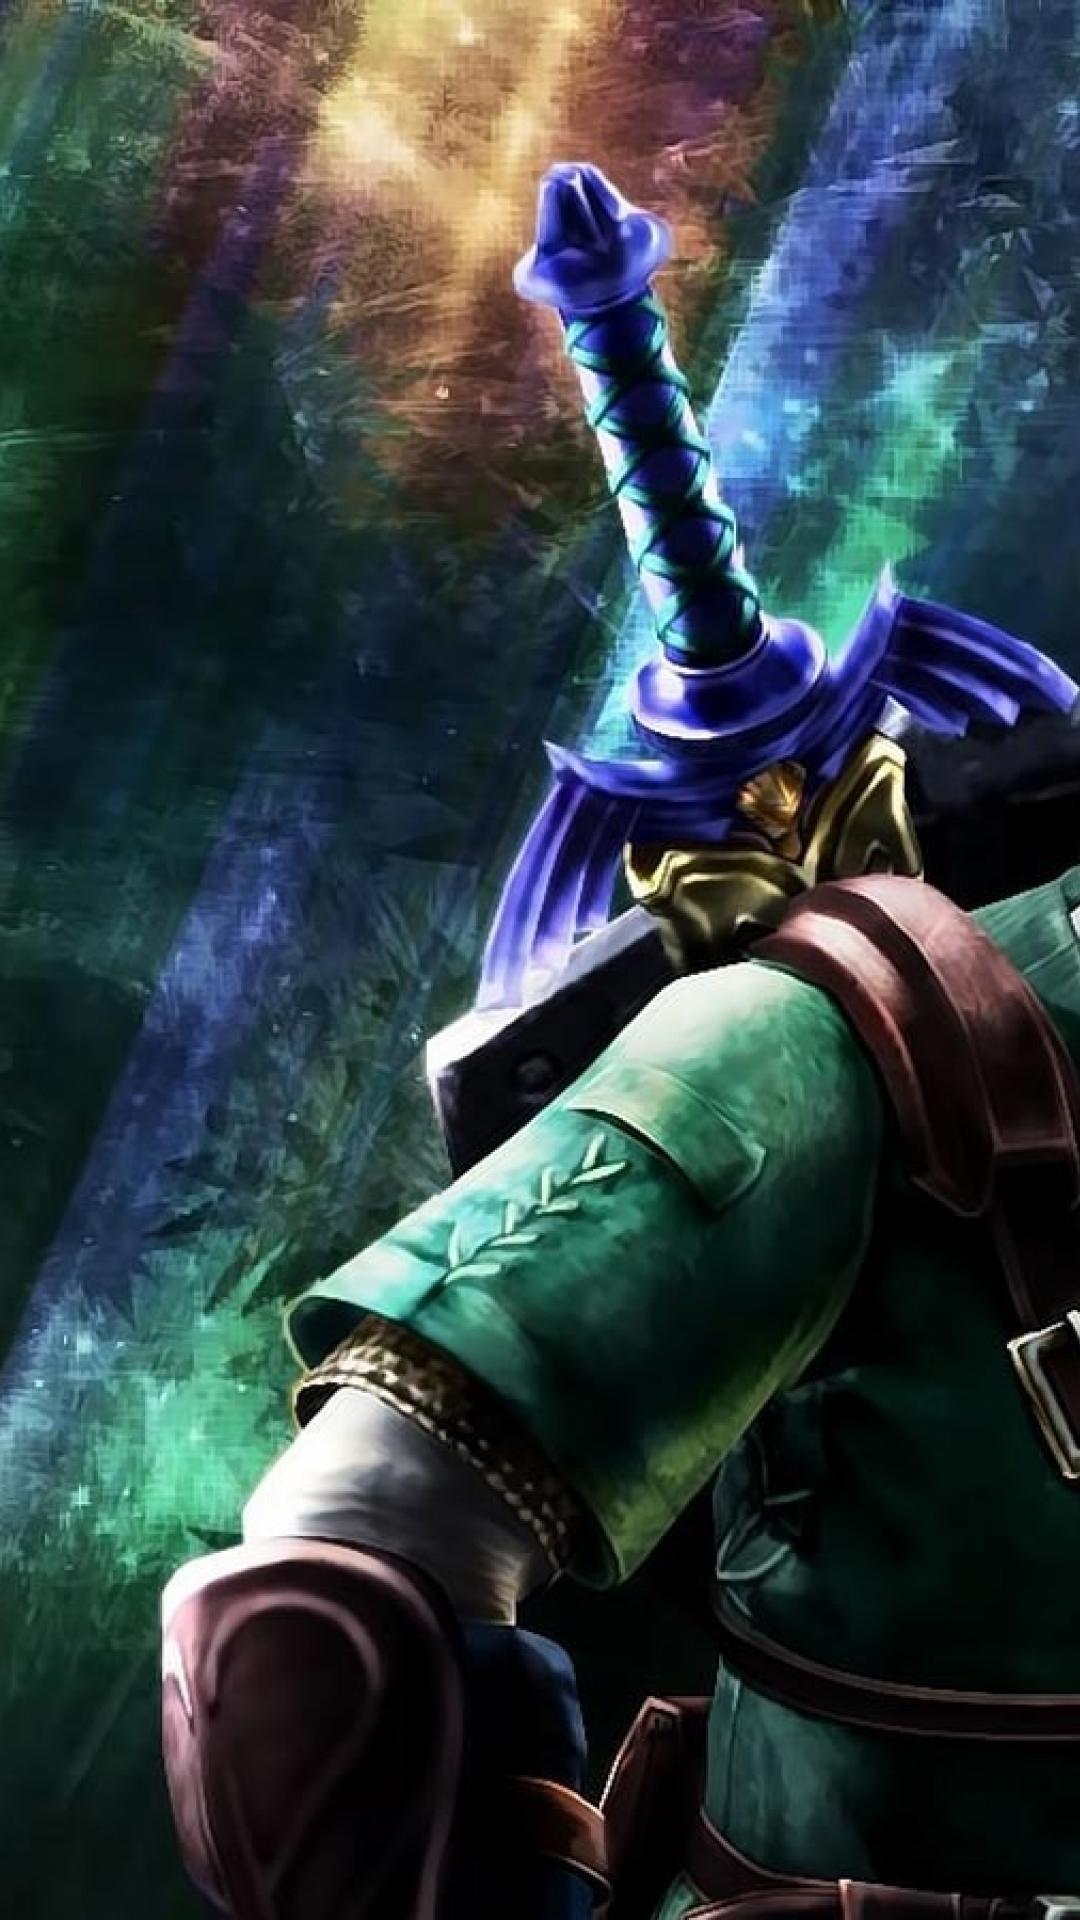 Legend Of Zelda Android Wallpapers Wallpaper Cave